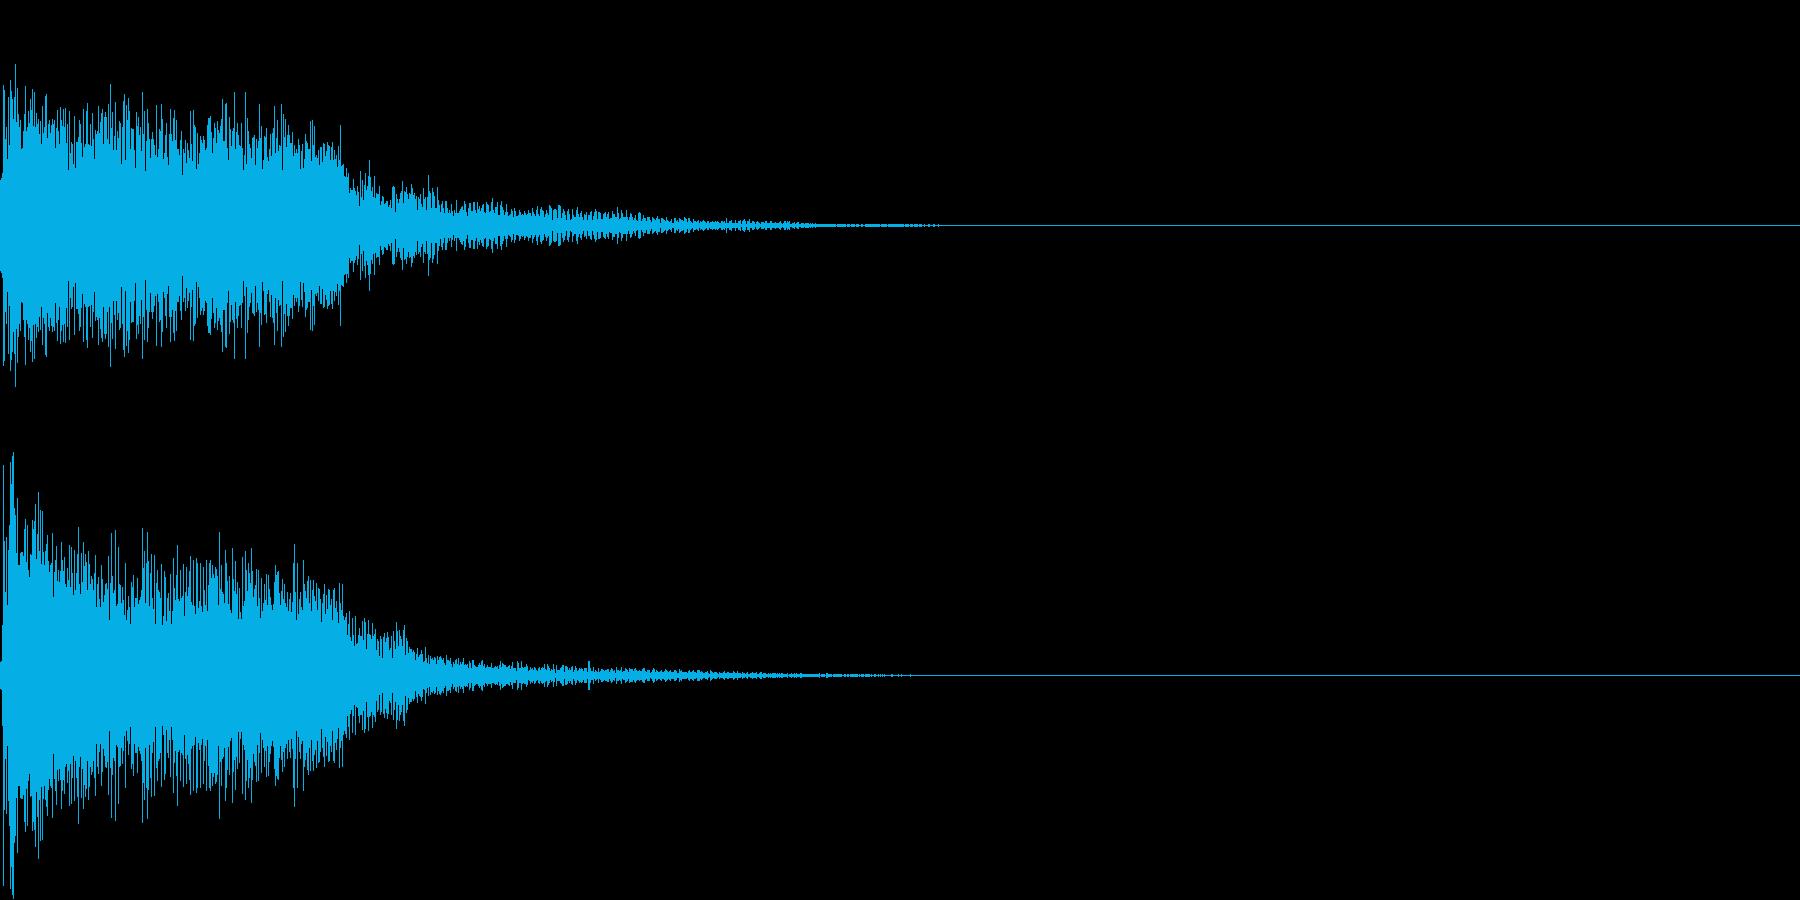 衝撃 金属音 恐怖 震撼 ホラー 11の再生済みの波形